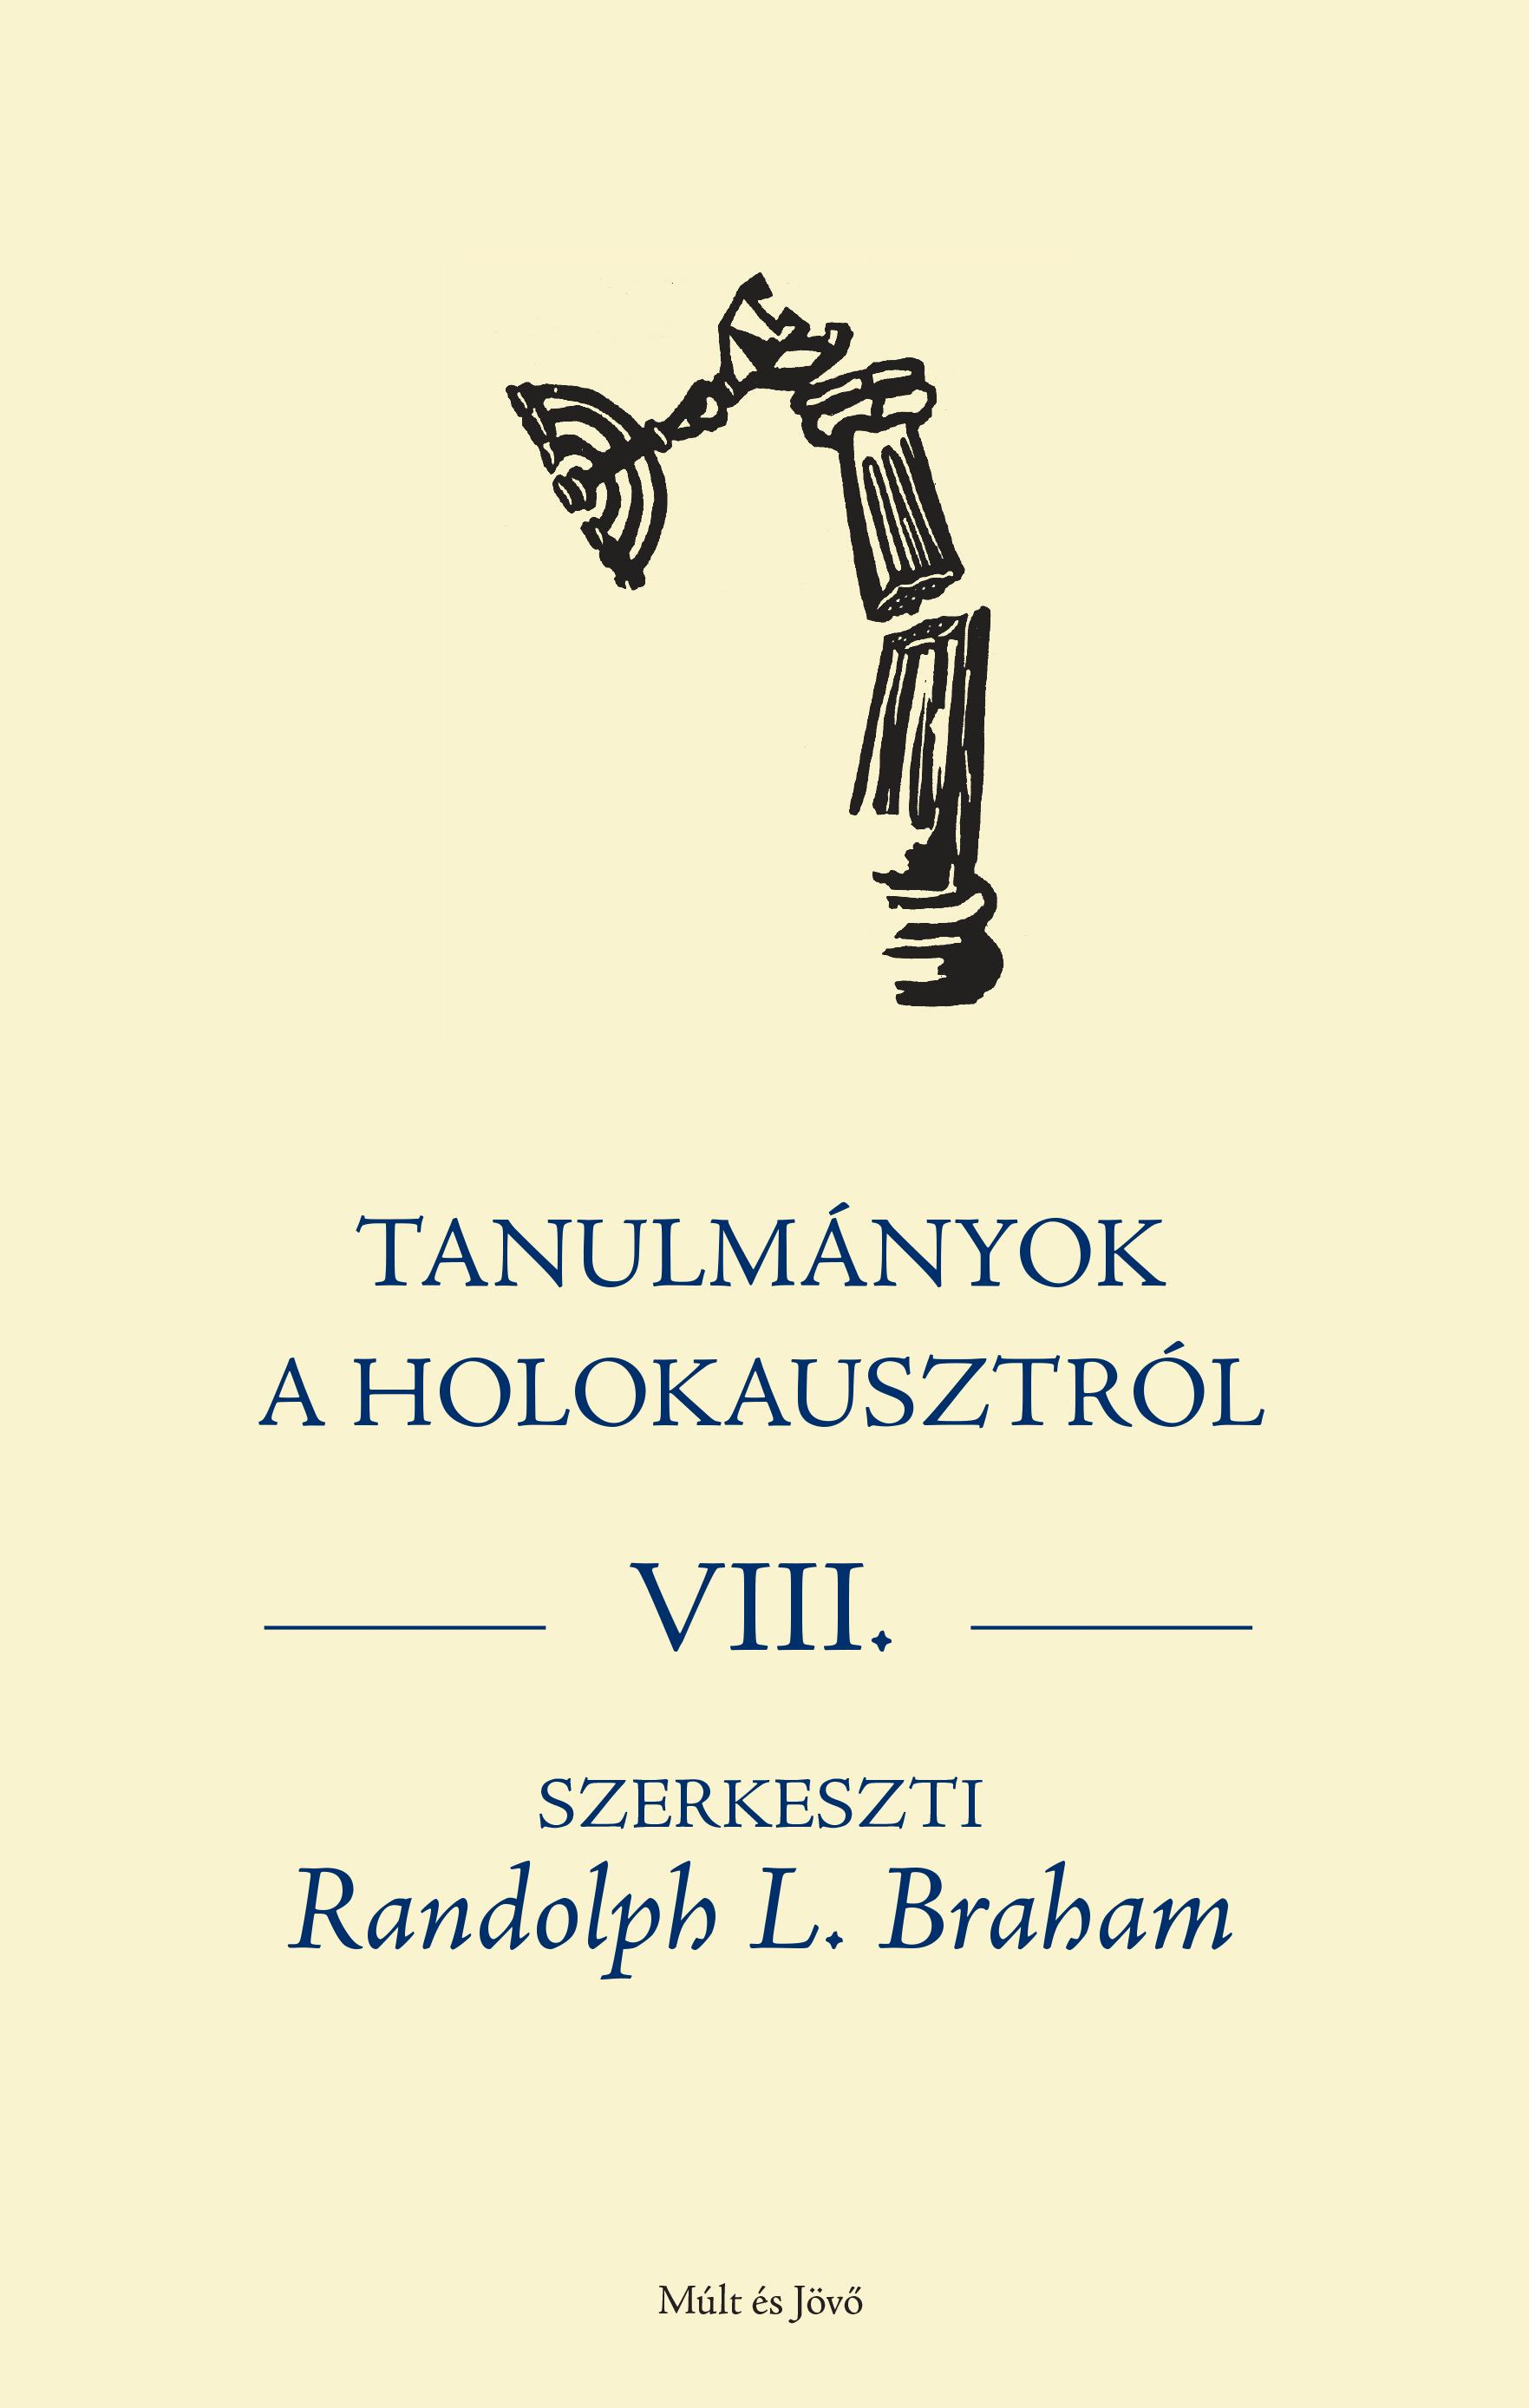 TANULMÁNYOK A HOLOKAUSZTRÓL VIII.